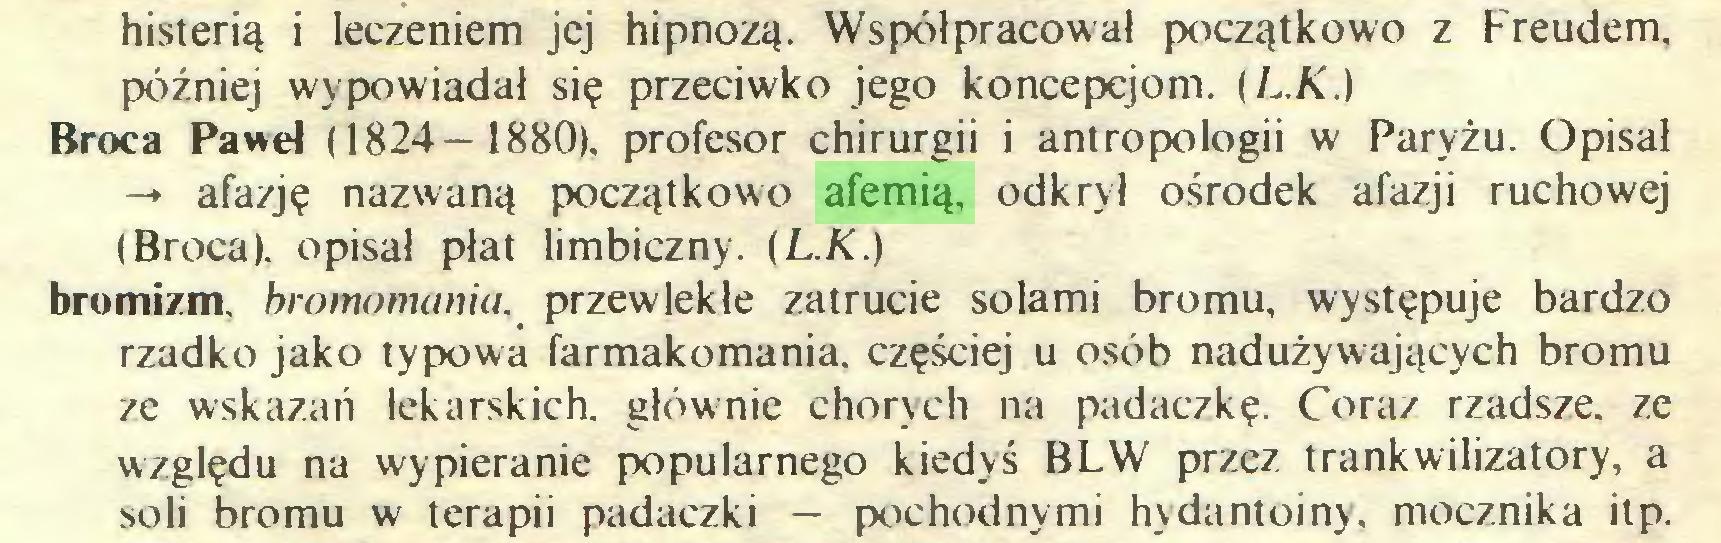 (...) histerią i leczeniem jej hipnozą. Współpracował początkowo z Freudem, później wypowiadał się przeciwko jego koncepcjom. (L.K.) Broca Paweł (1824- 1880), profesor chirurgii i antropologii w Paryżu. Opisał -» afazję nazwaną początkowo afemią, odkrył ośrodek afazji ruchowej (Broca). opisał płat limbiczny. (L.K.) bromizm. bromomania. przewlekłe zatrucie solami bromu, występuje bardzo rzadko jako typowa farmakomania. częściej u osób nadużywających bromu ze wskazań lekarskich, głównie chorych na padaczkę. Coraz rzadsze, ze względu na wypieranie popularnego kiedyś BLW przez trankwilizatory, a soli bromu w terapii padaczki — pochodnymi hydantoiny, mocznika itp...